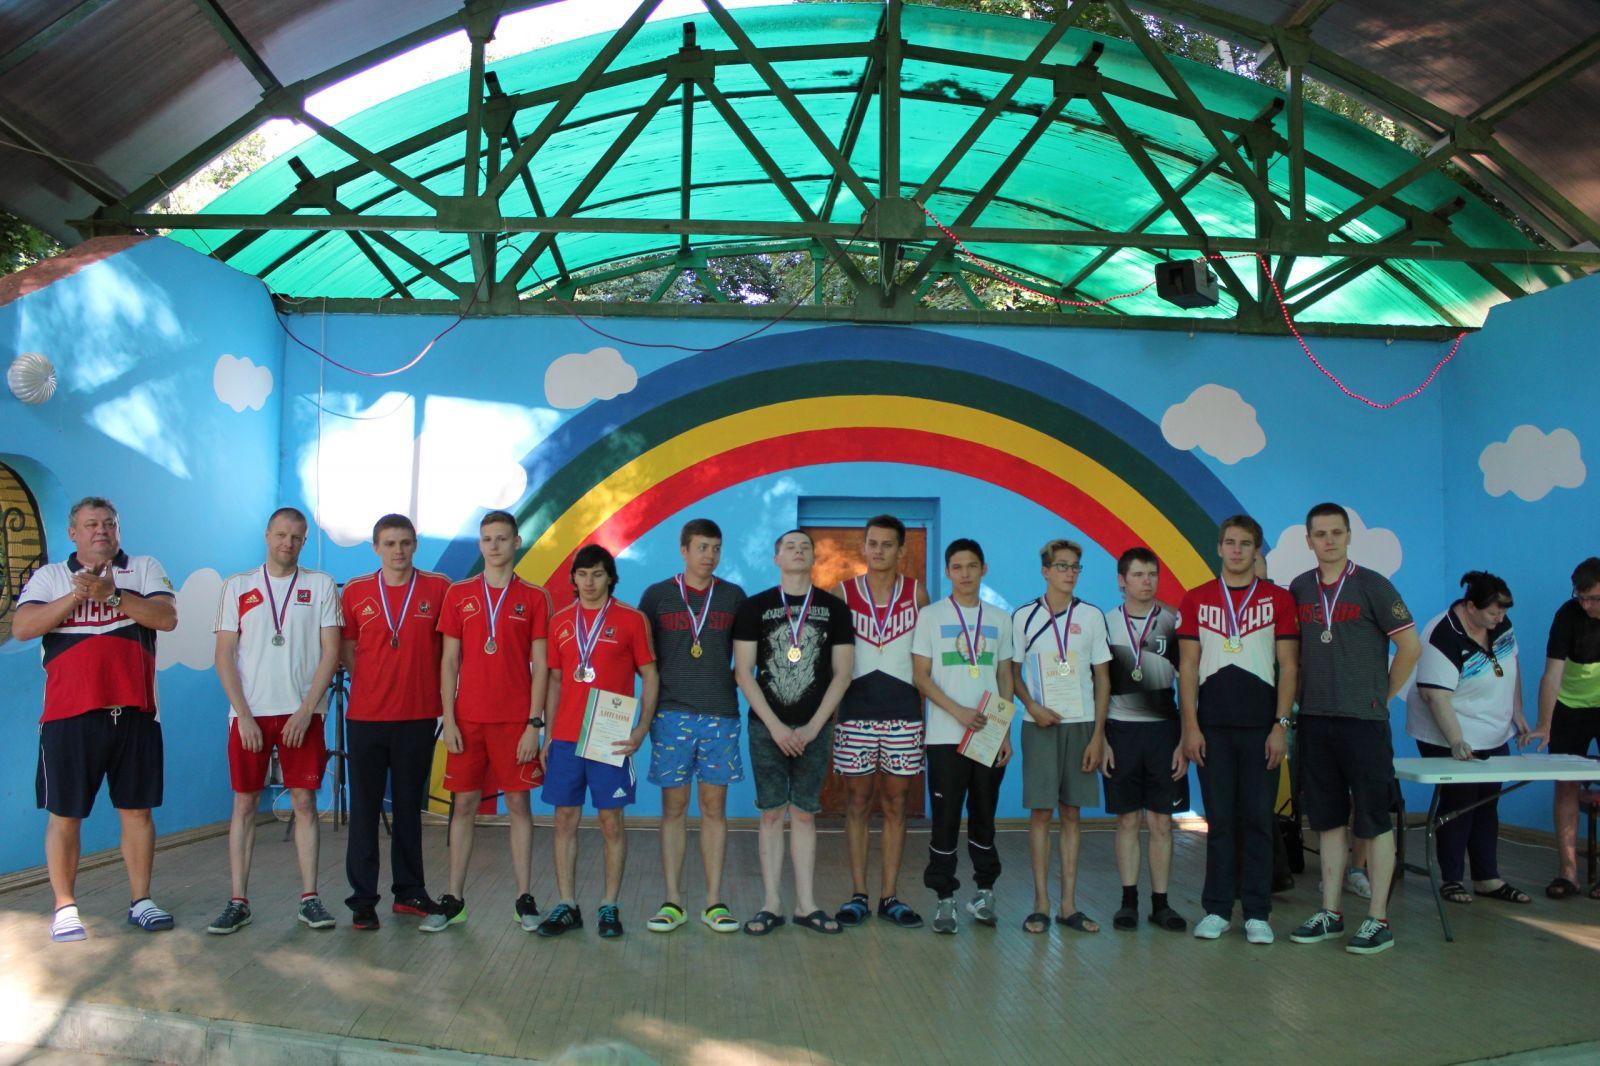 Башкирские спортсмены выиграли командное первенство чемпионата России по плаванию спорта слепых в Раменском